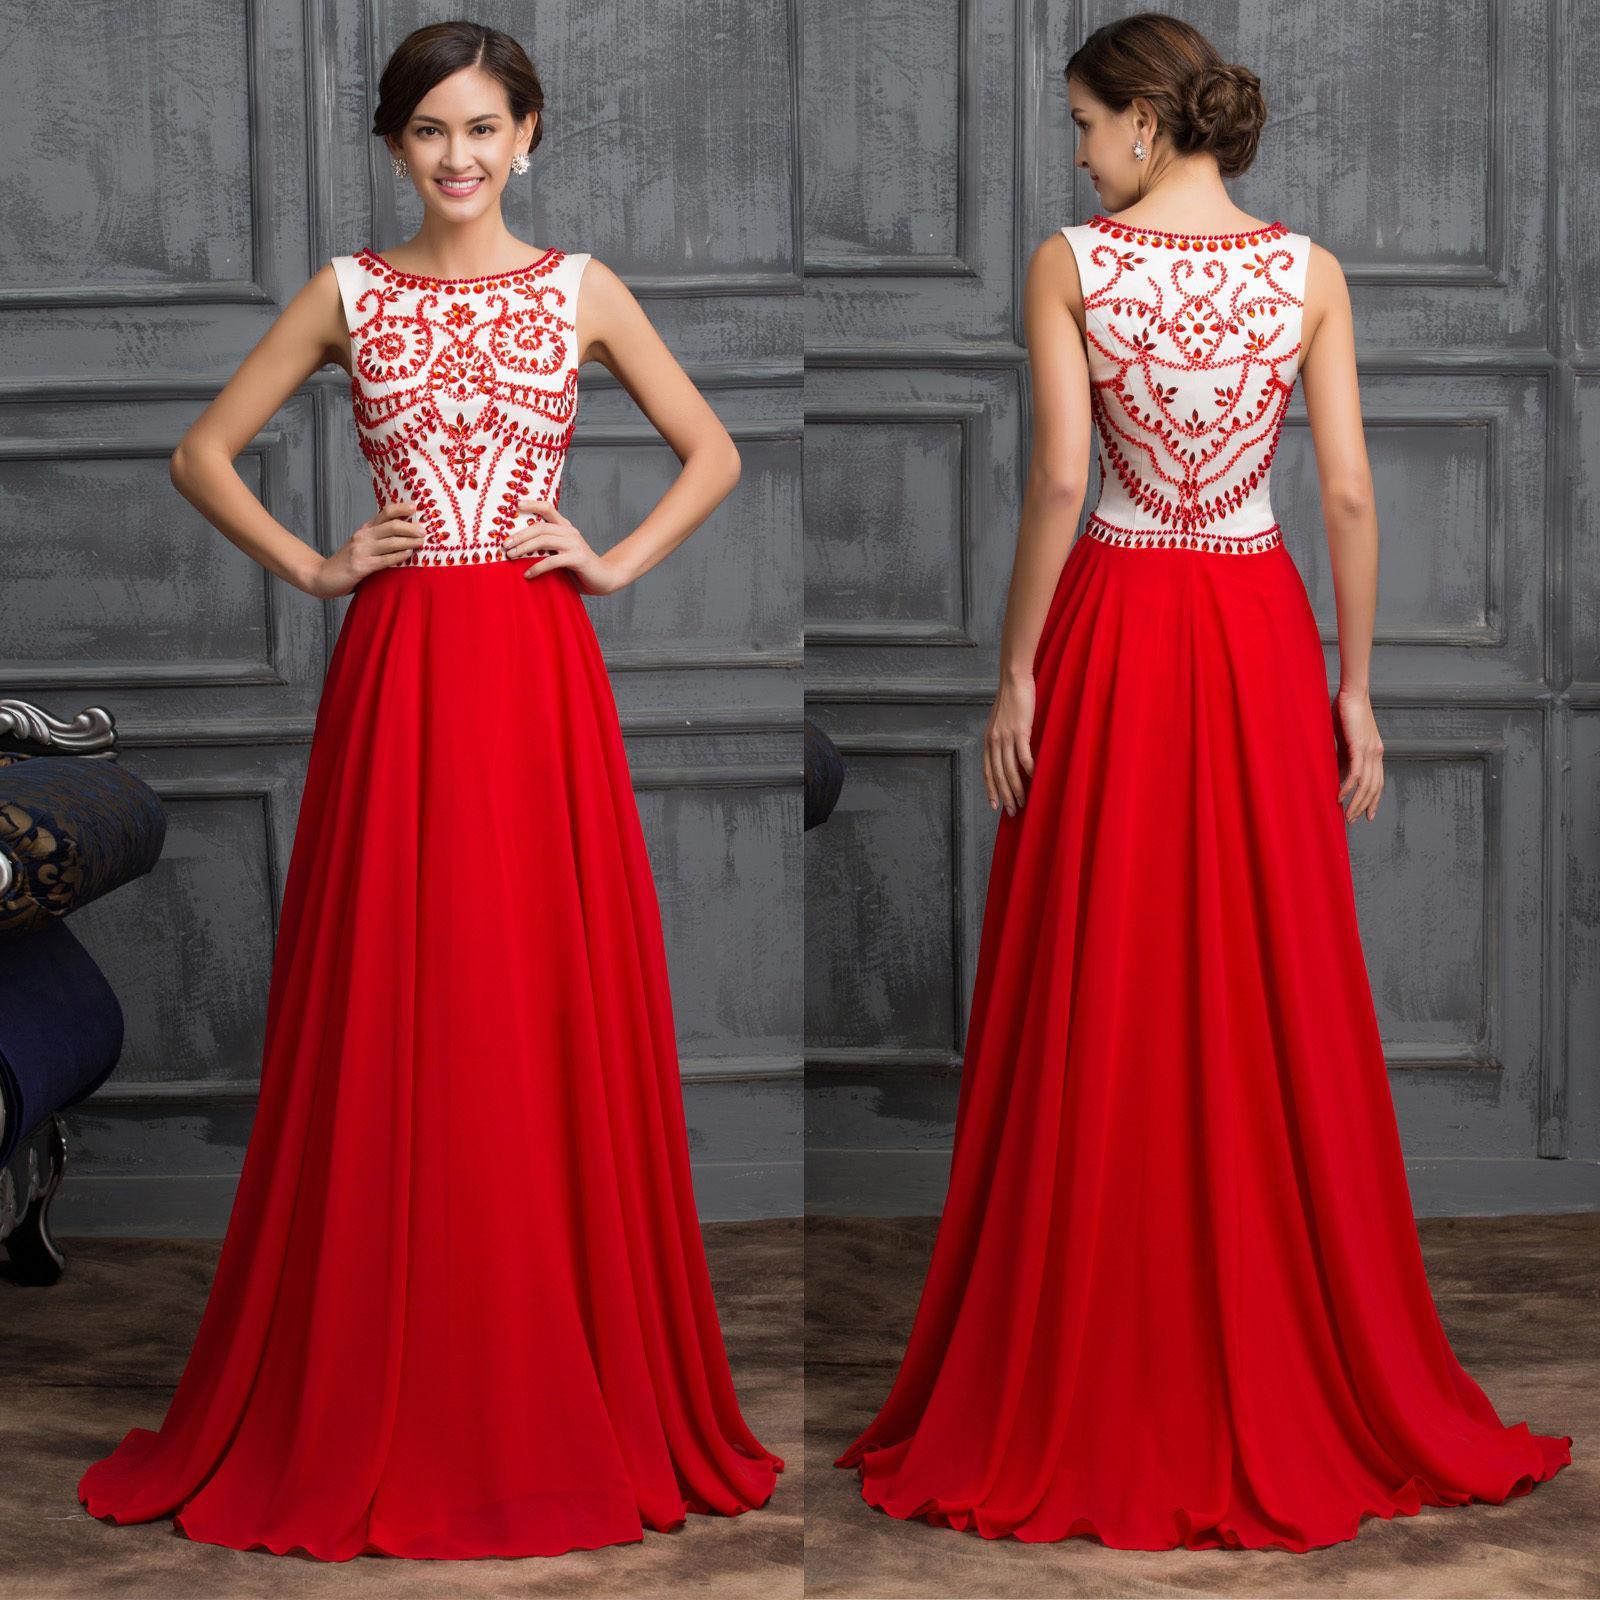 Krááásne červeno-biele šaty - Obrázok č. 107